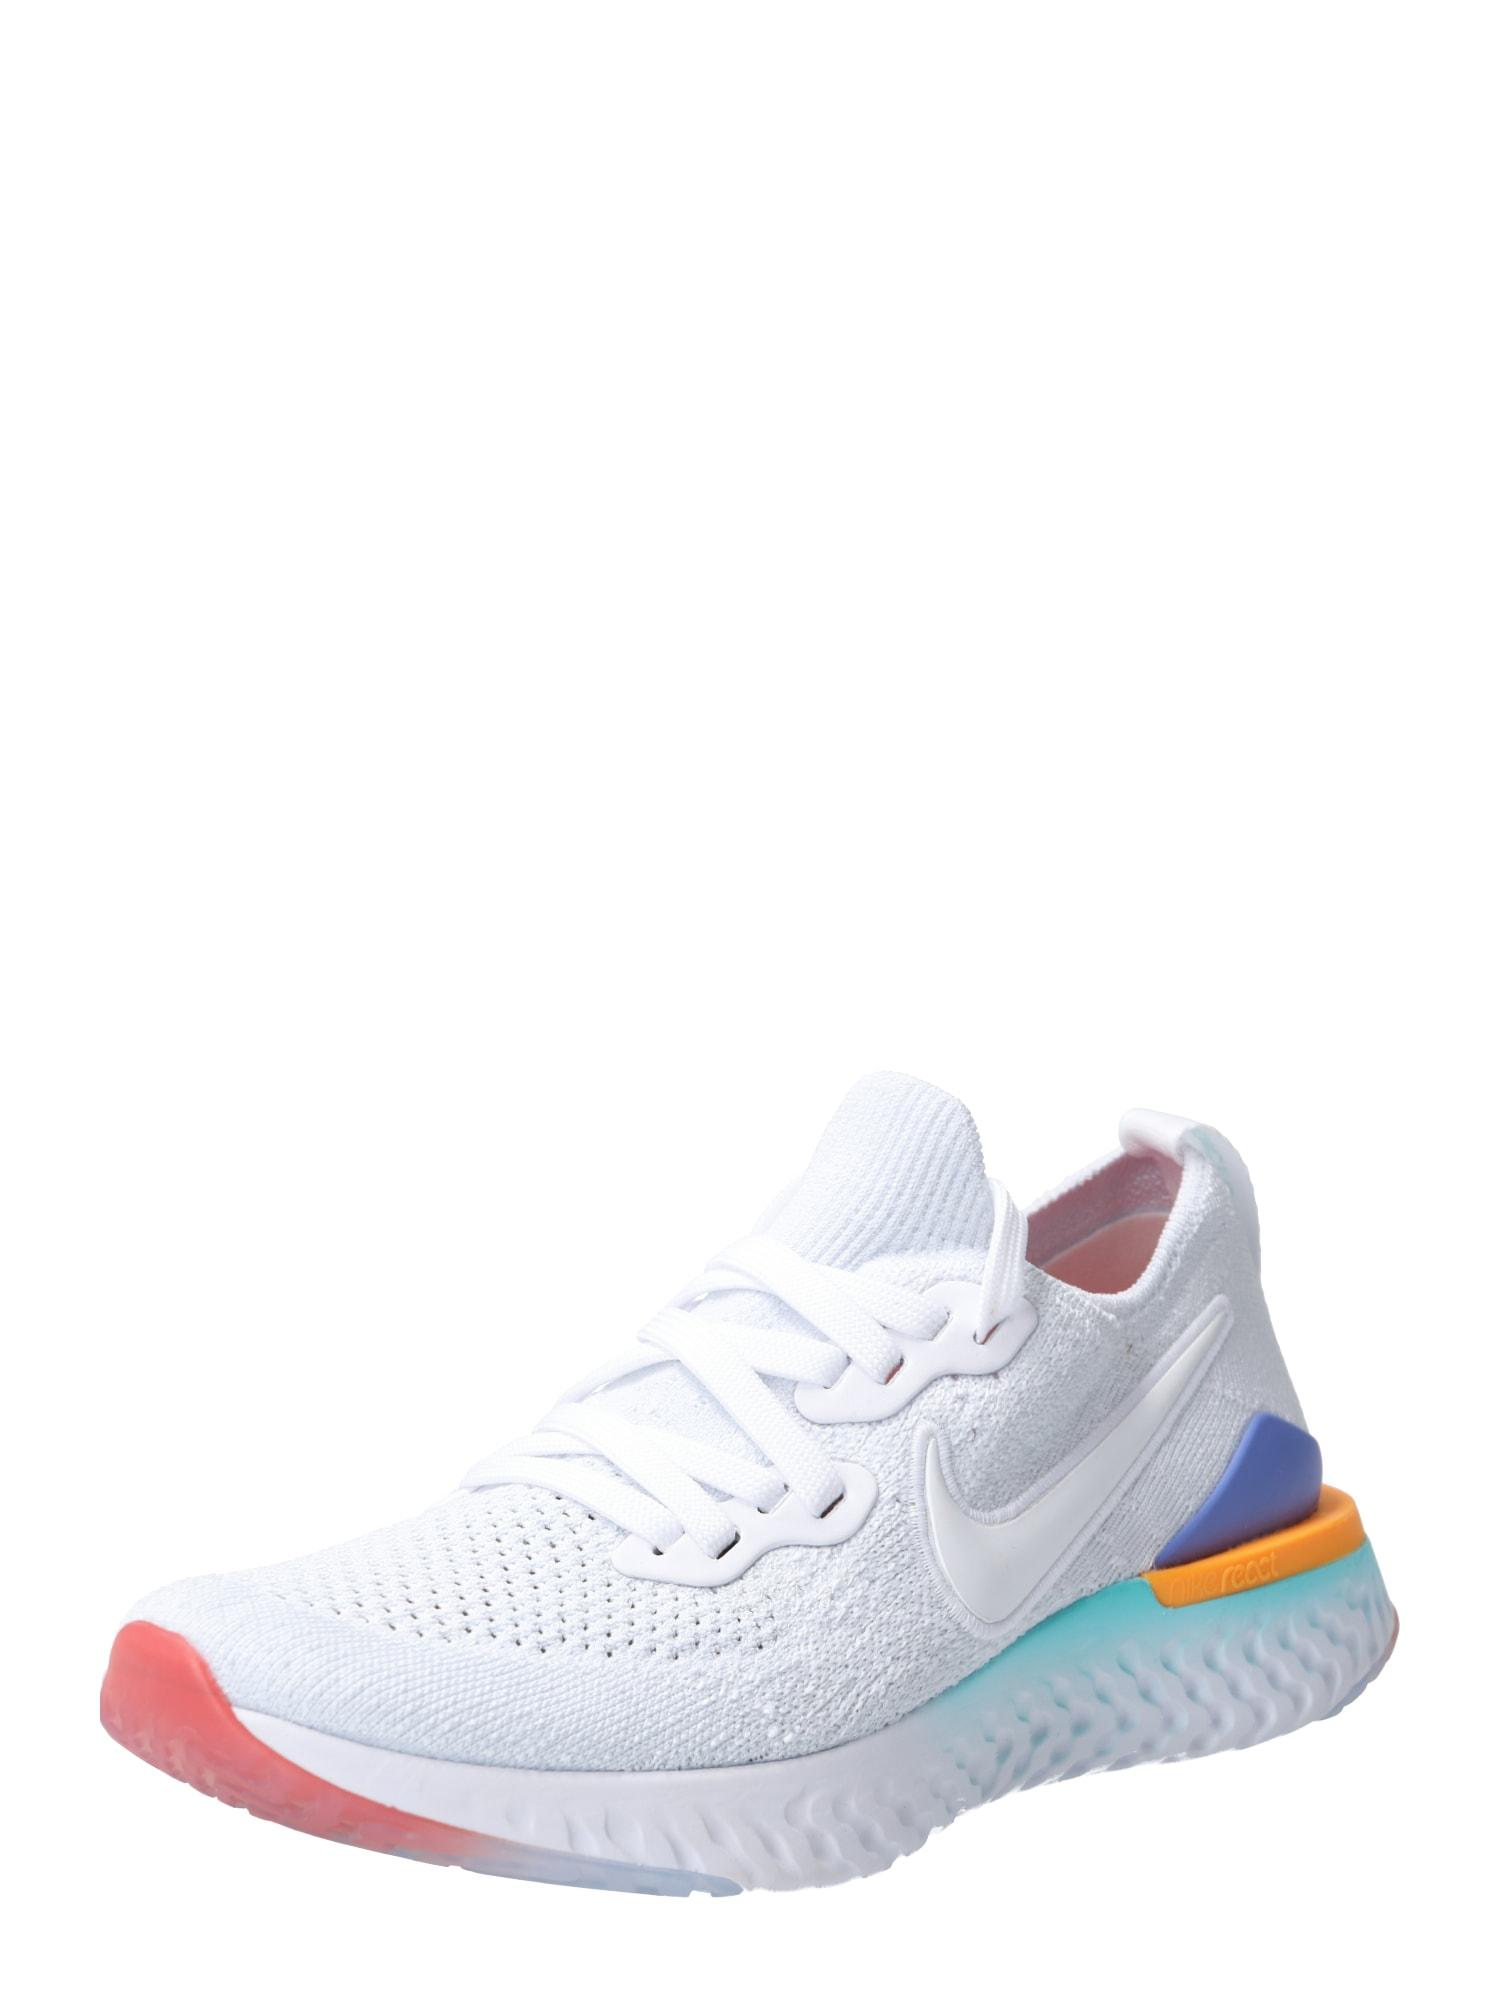 Sportovní boty Epic React Flyknit 2 modrá oranžová bílá NIKE